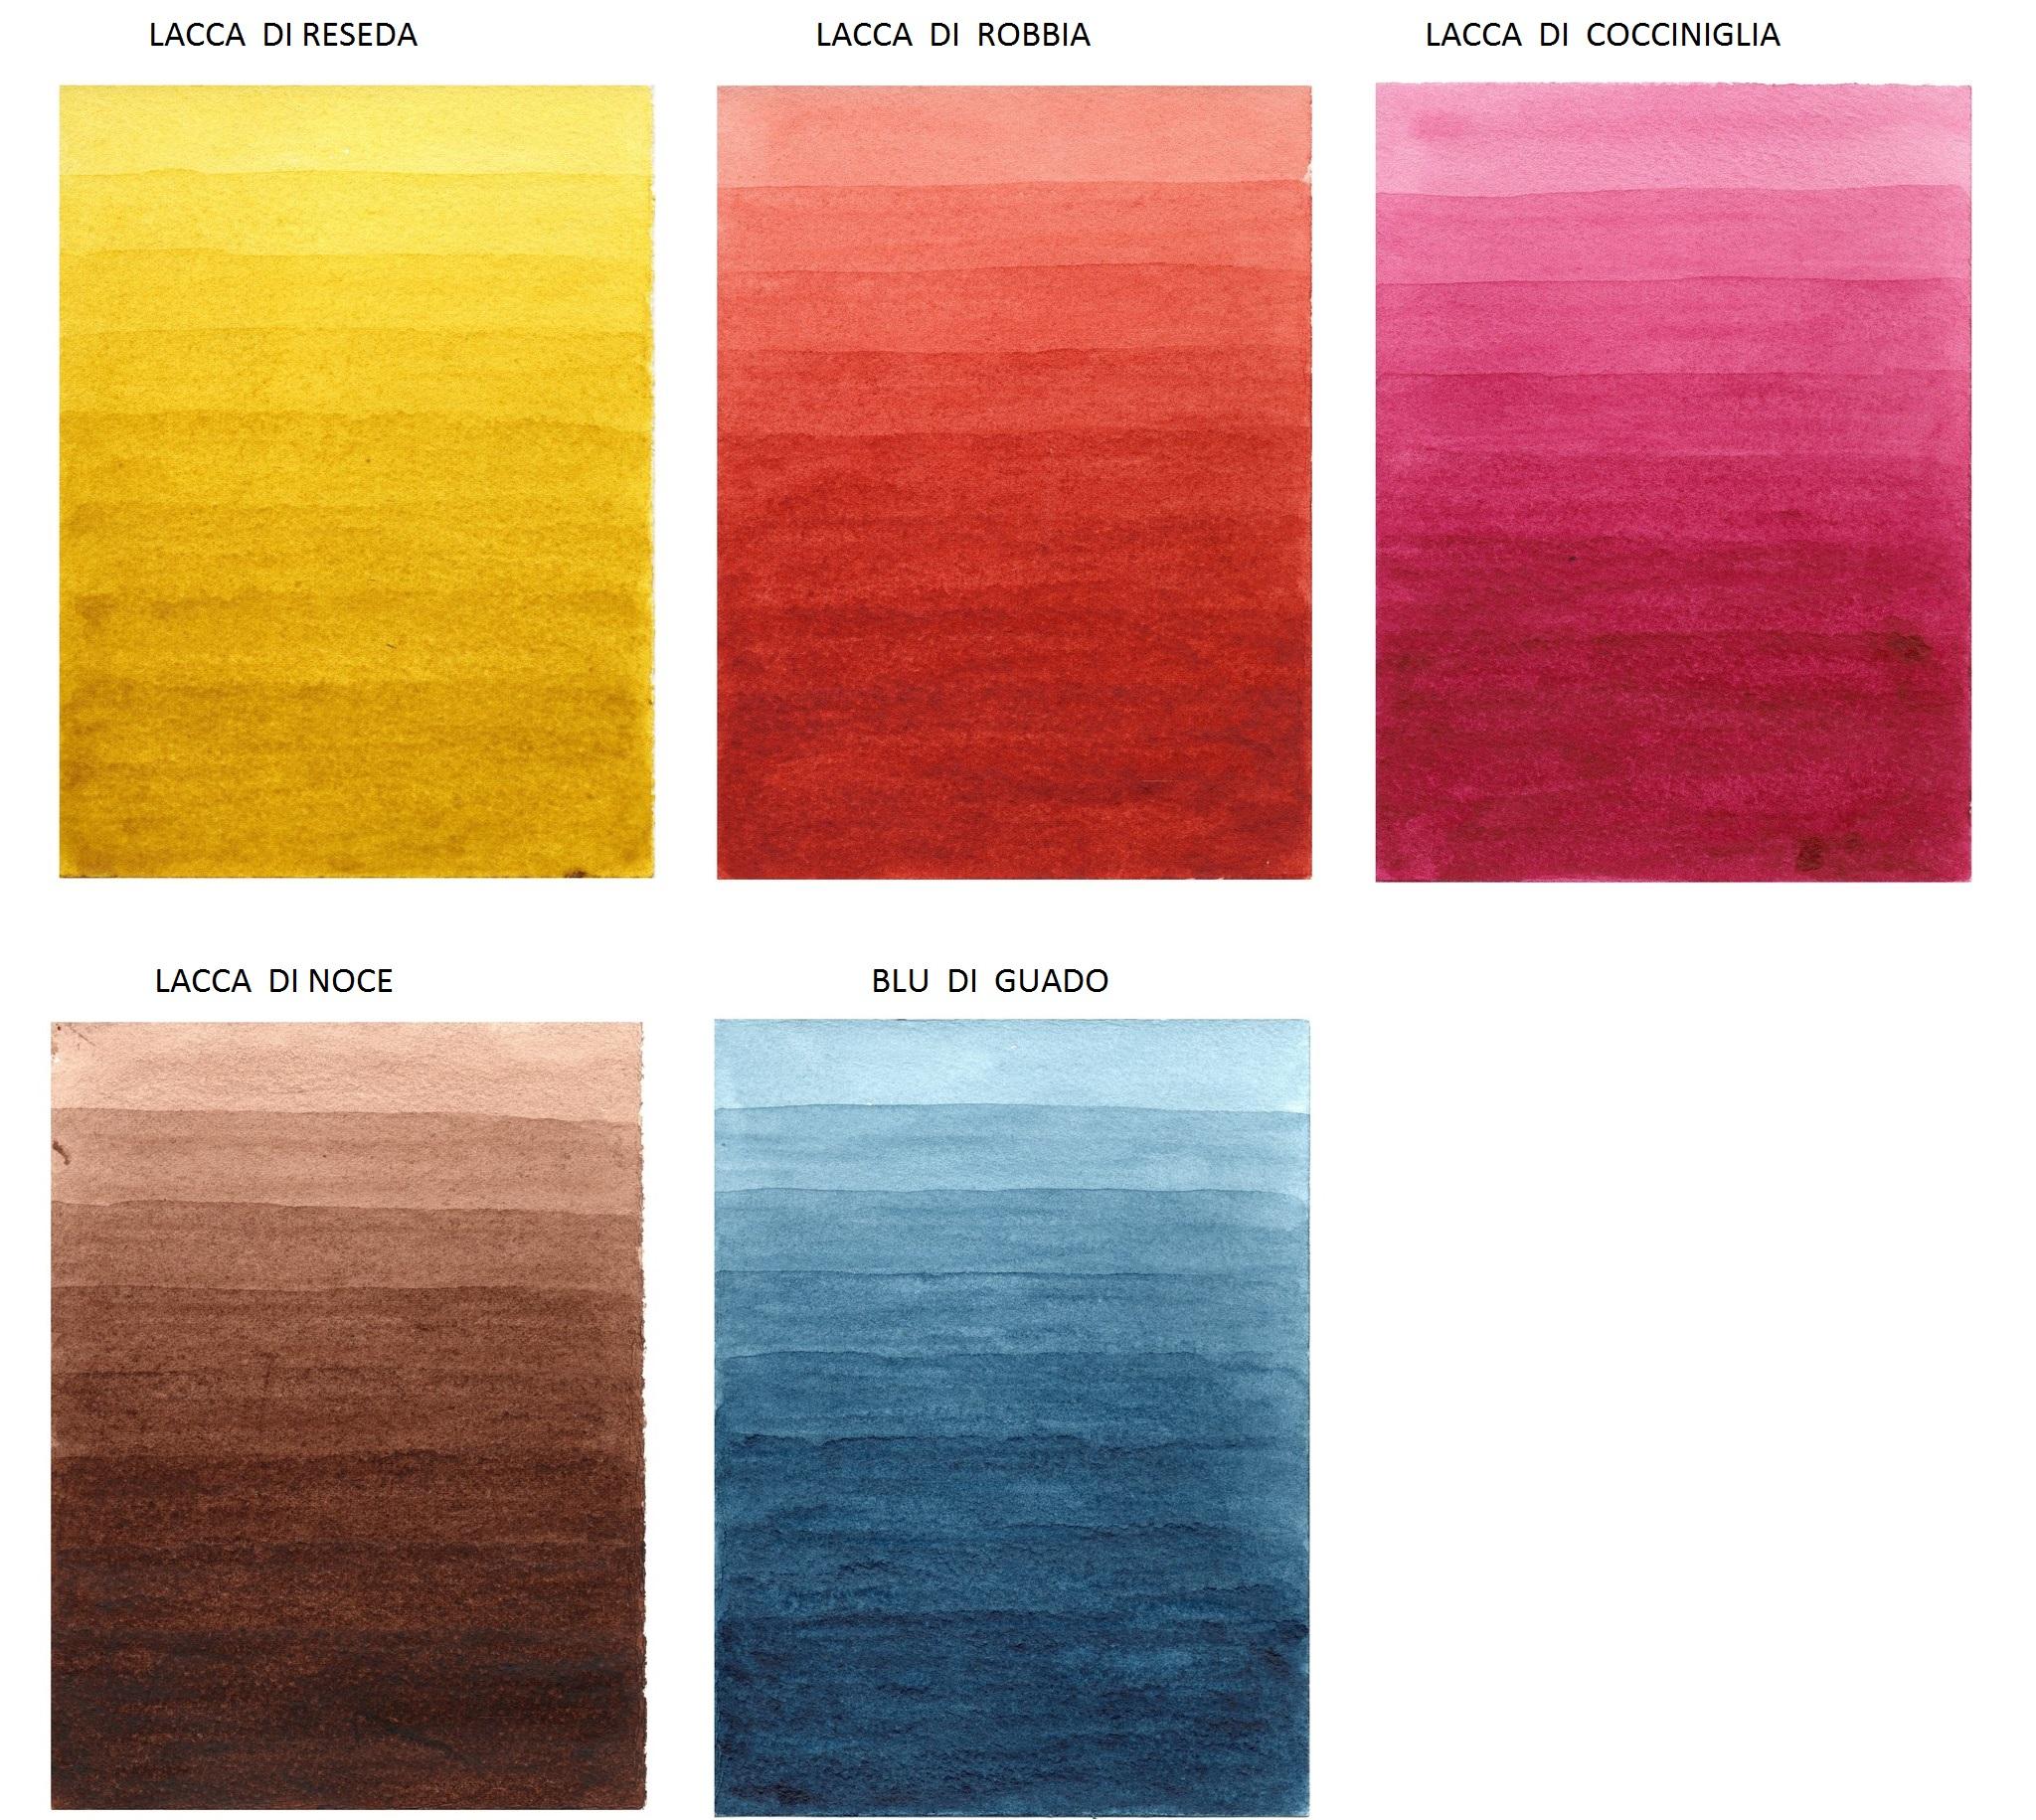 Lacche pigmenti